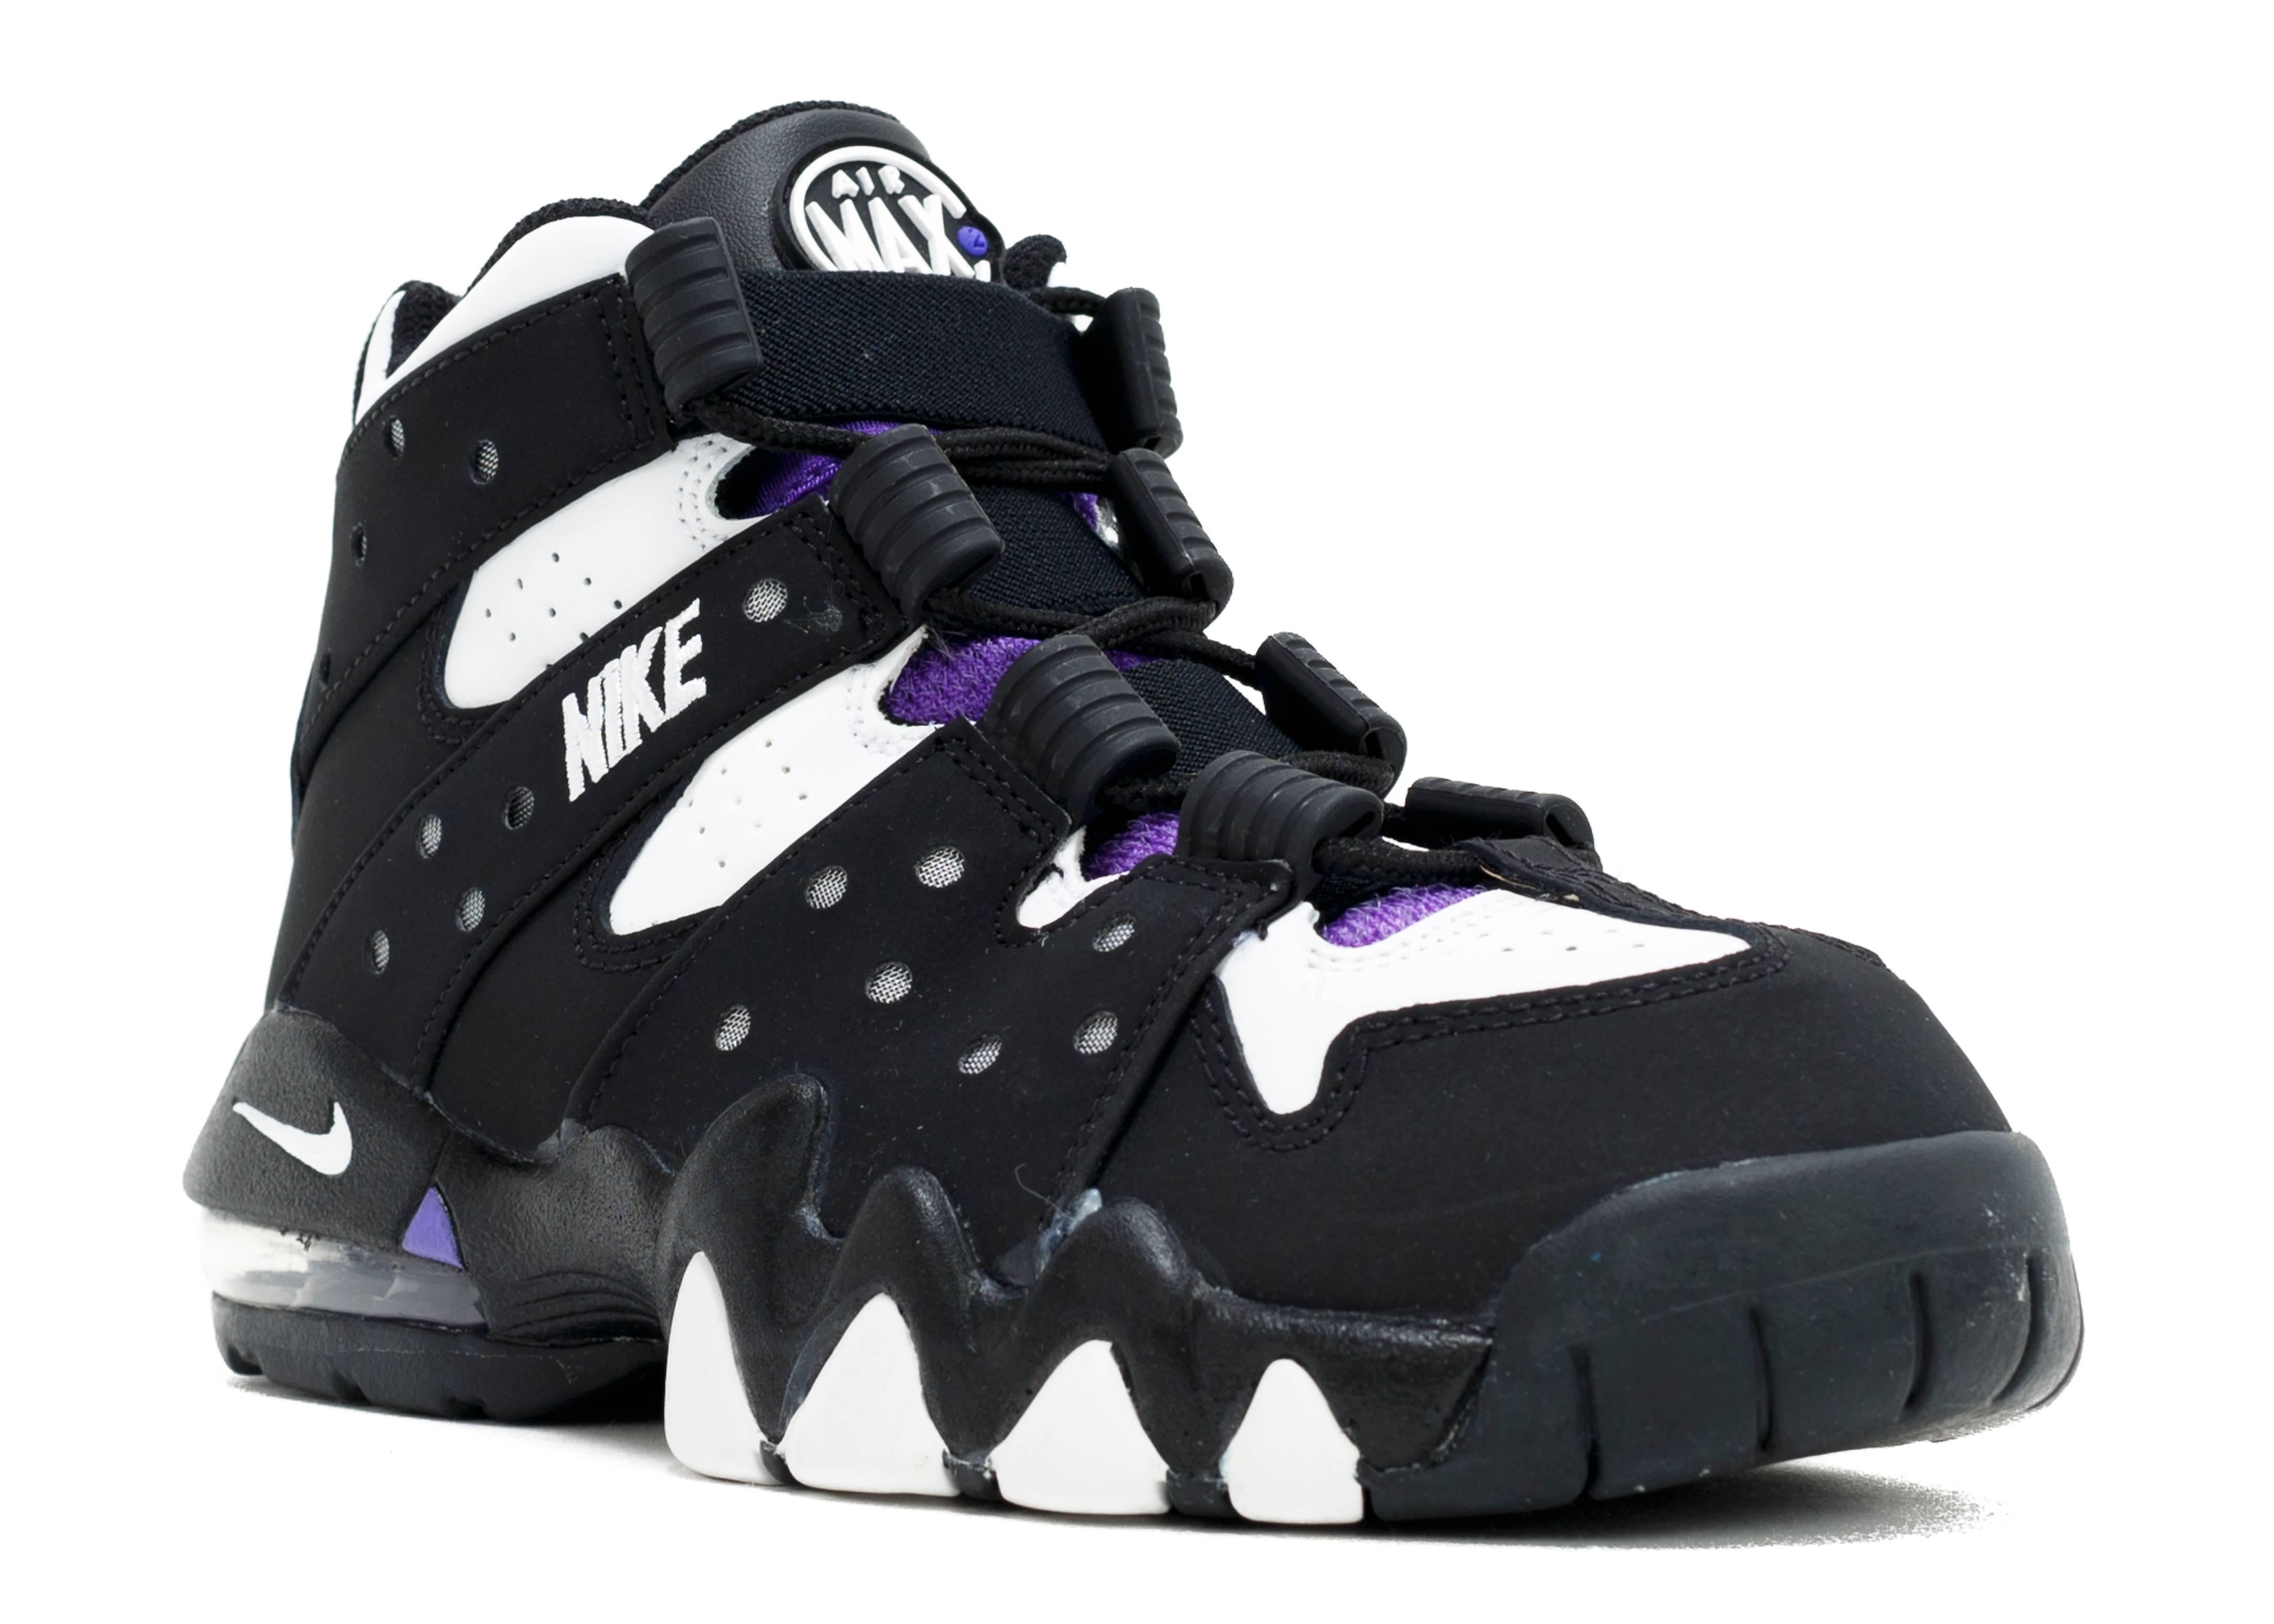 e7a608d16ff5 Big Size Nike Air Max